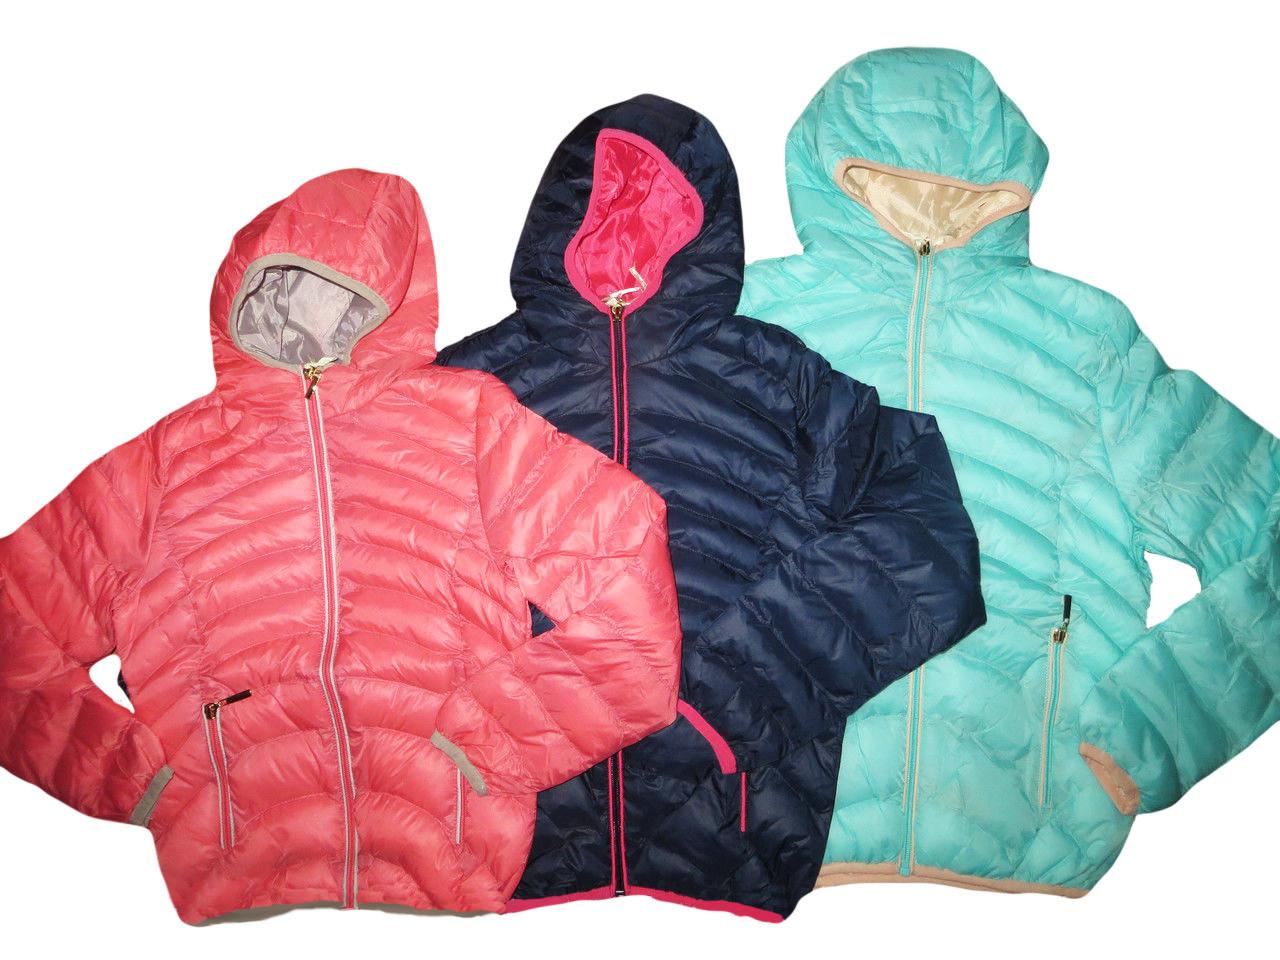 Куртка для девочек на синтепоне, размеры 8-лет, GRACE, арт. G 60332